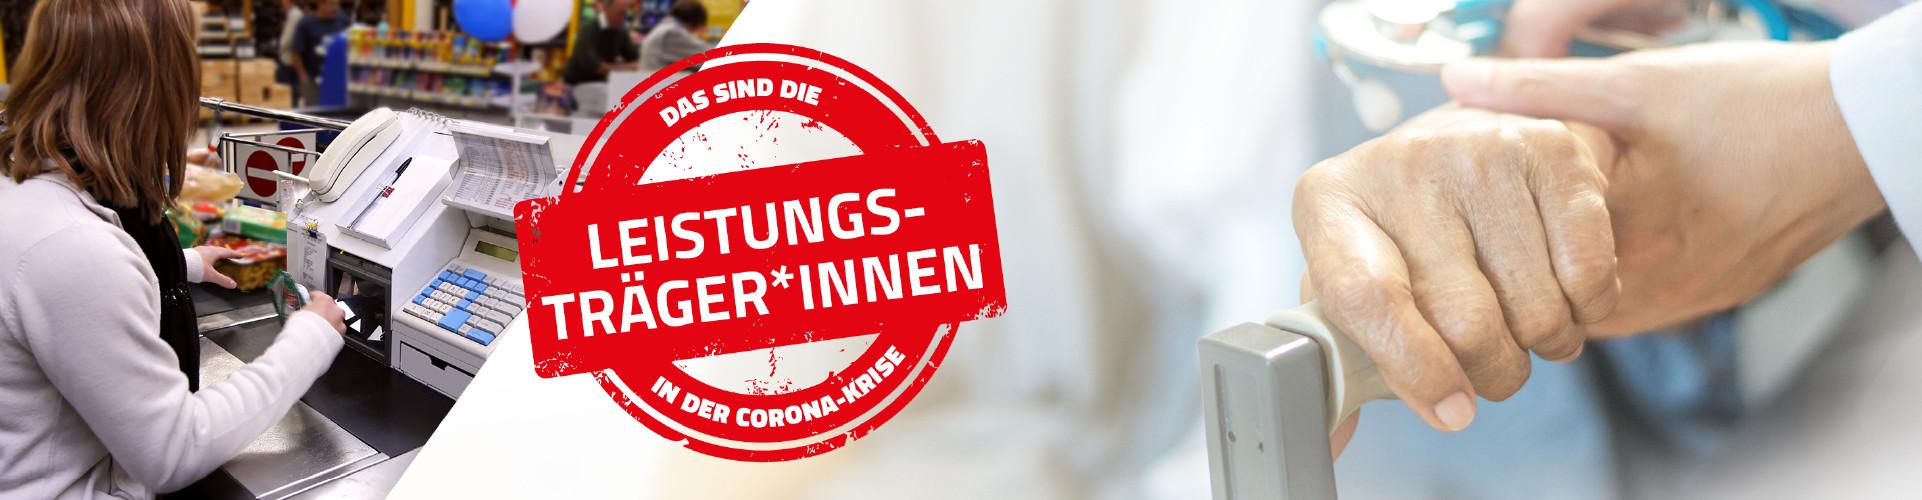 Frau an der Supermarktkassa © AK Niederösterreich, Adobe